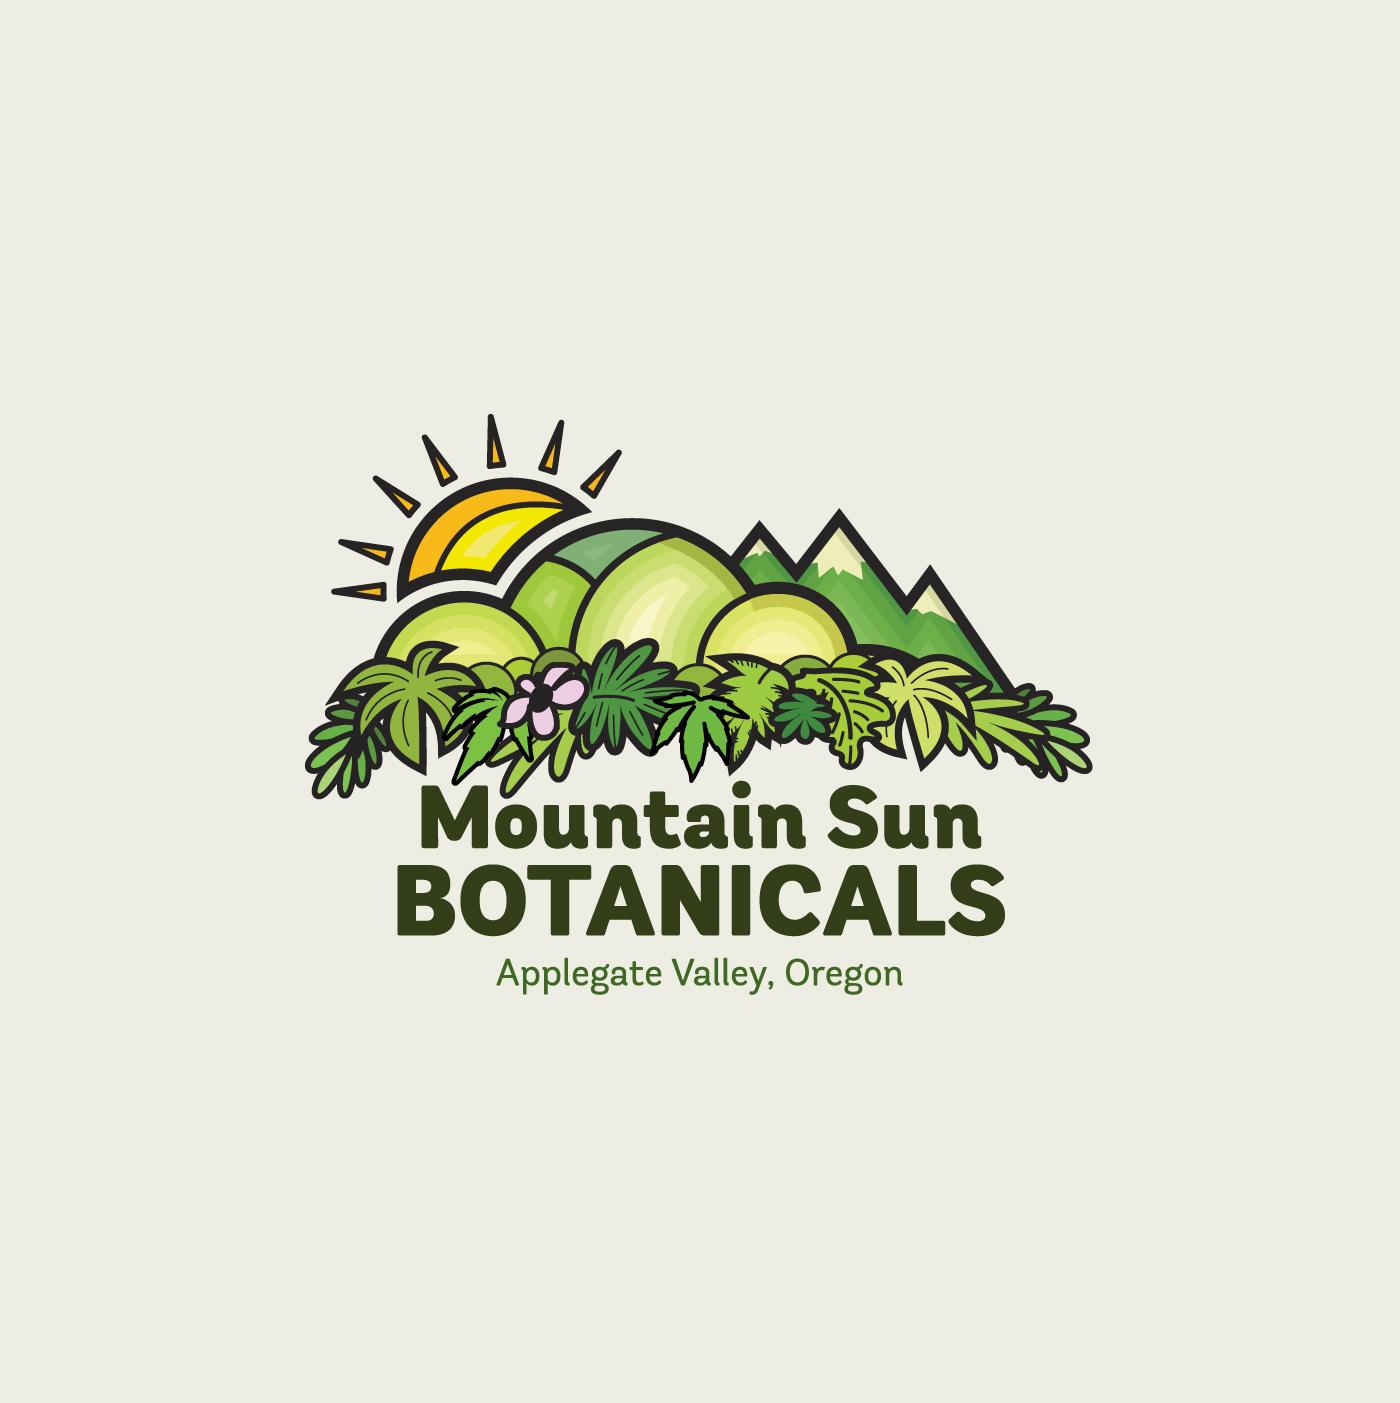 MQ19-mountainsunbotanicals.jpg